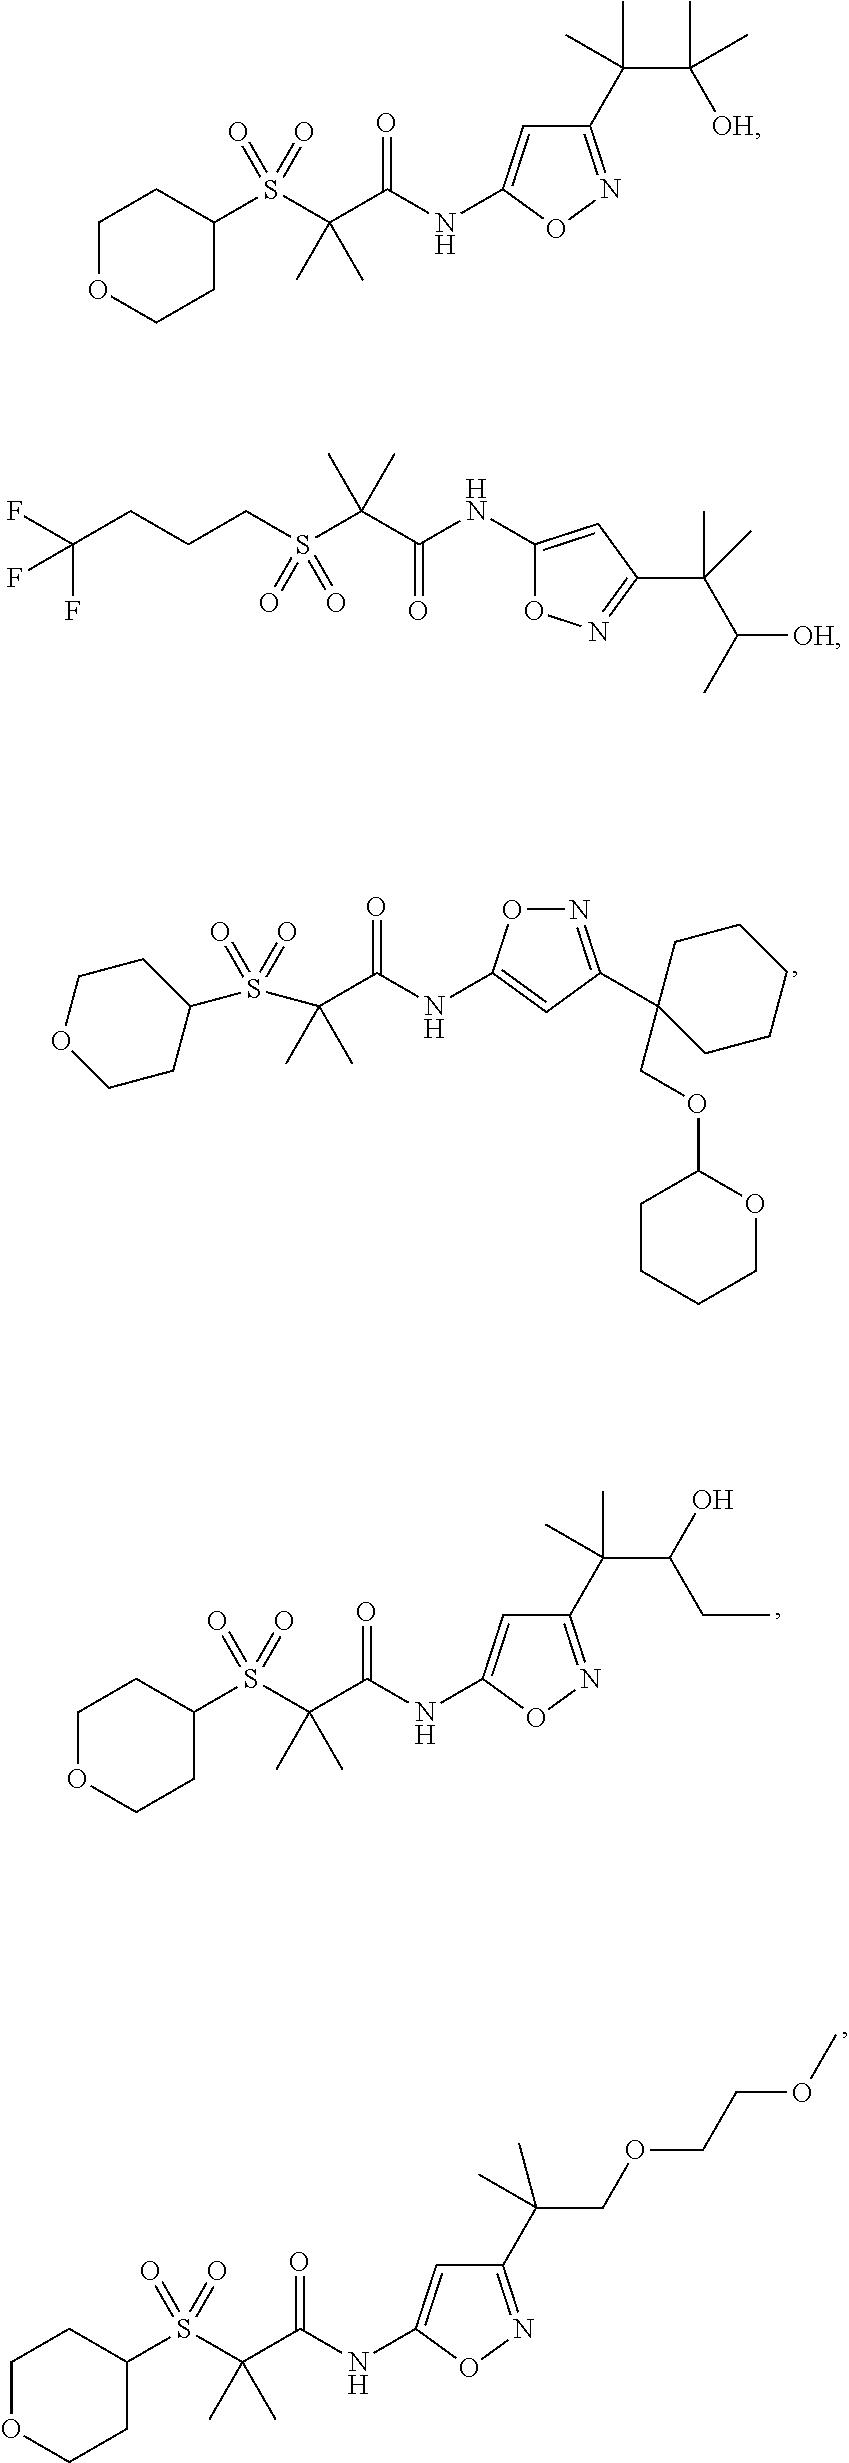 Figure US08372874-20130212-C00480